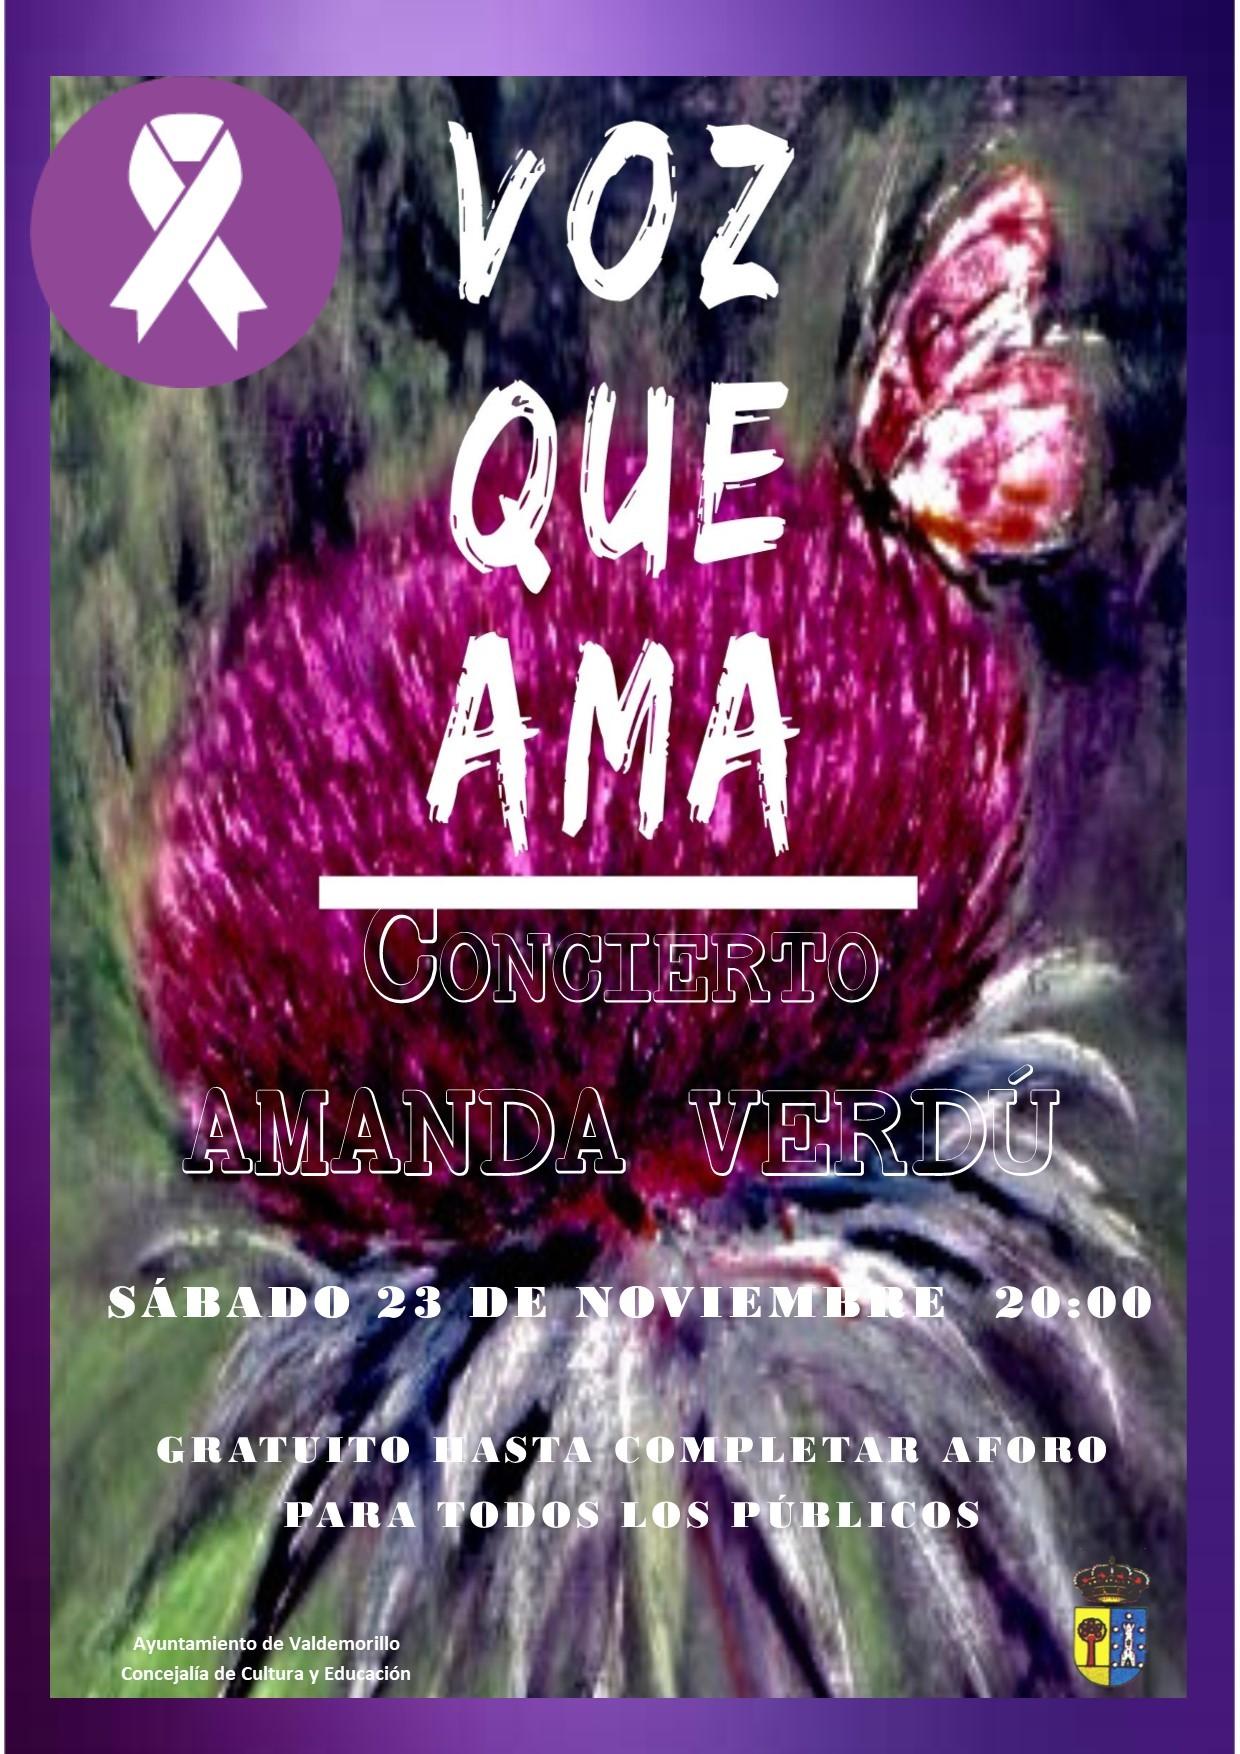 Música y teatro para expresar el firme rechazo  de Valdemorillo a la violencia de género